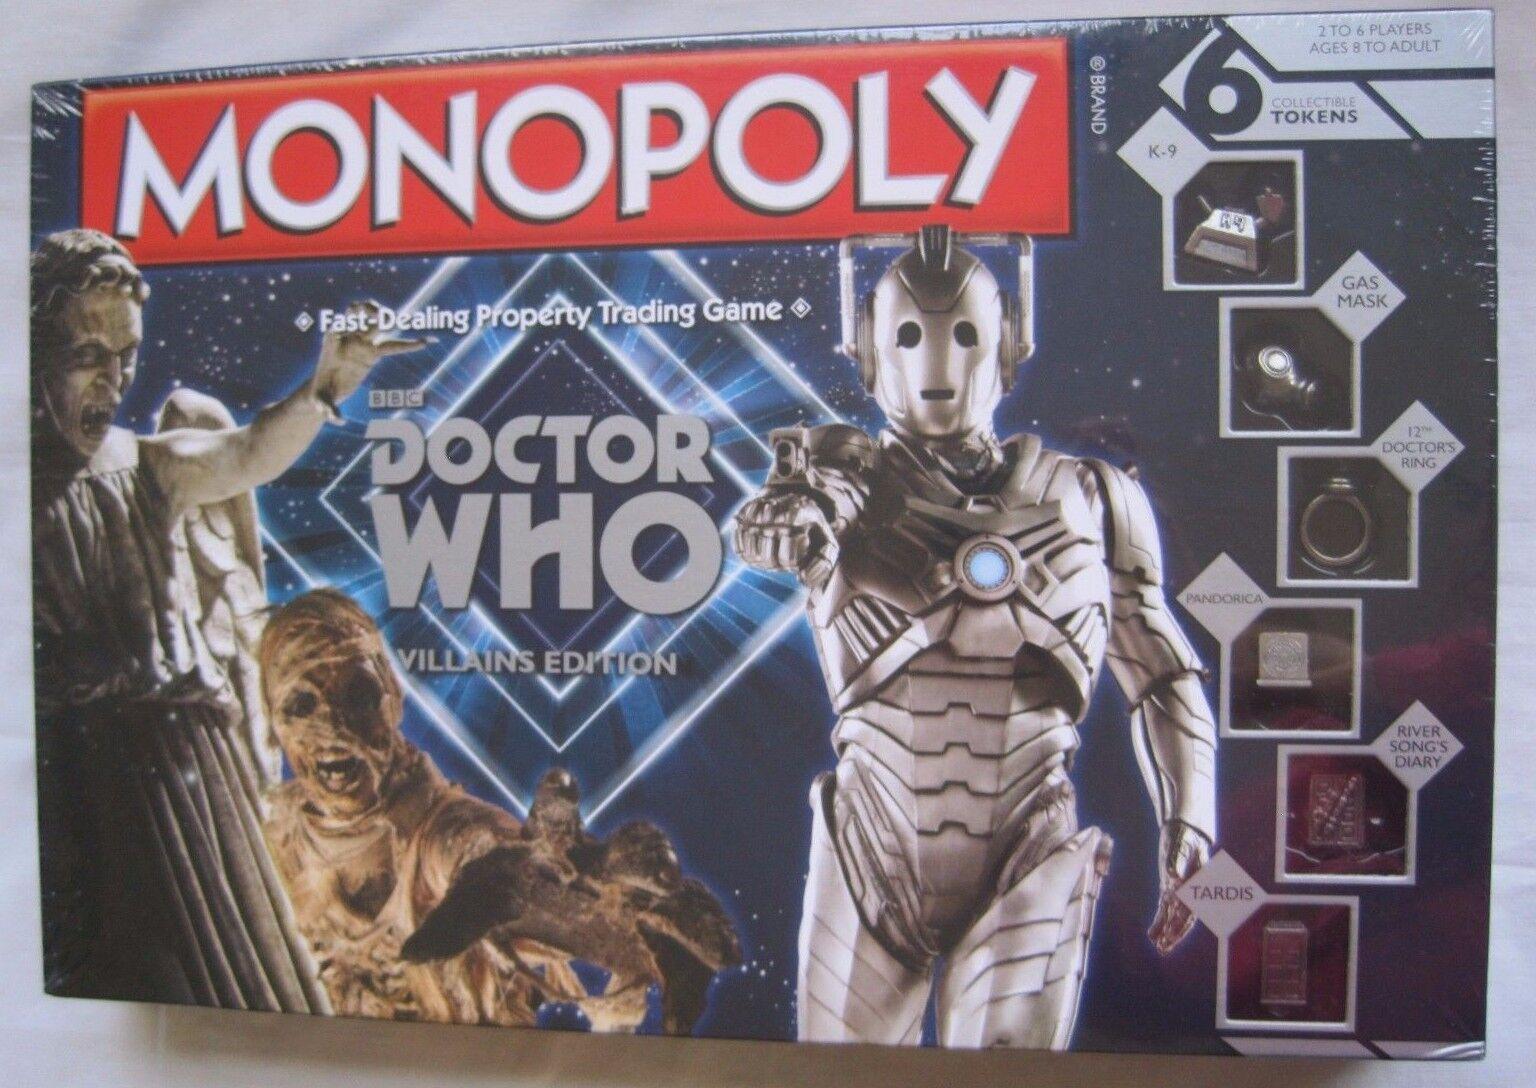 Nuovo Monopoly Bbc Doctor Who Cattivi Edizione Gioco da Tavolo  6 da Collezione  ordina ora con grande sconto e consegna gratuita